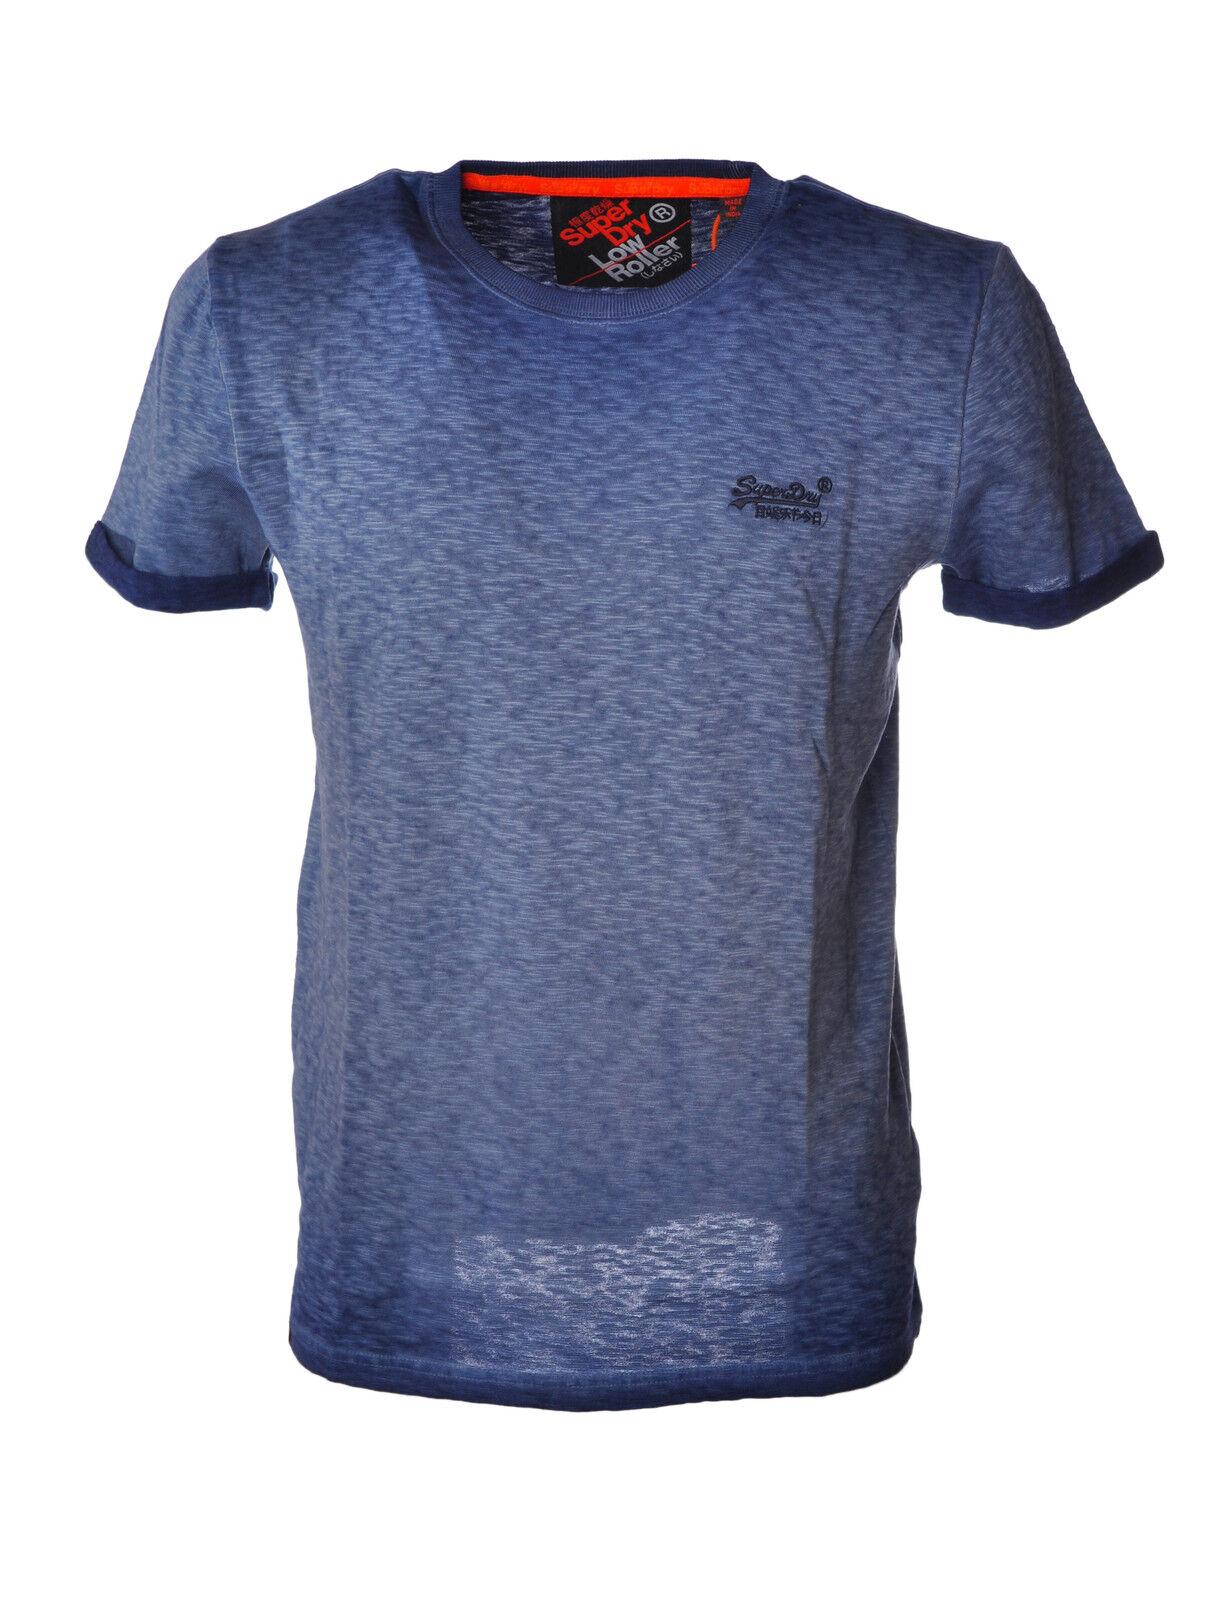 Superdry  -  T - Männchen - blue - 3486121A185614